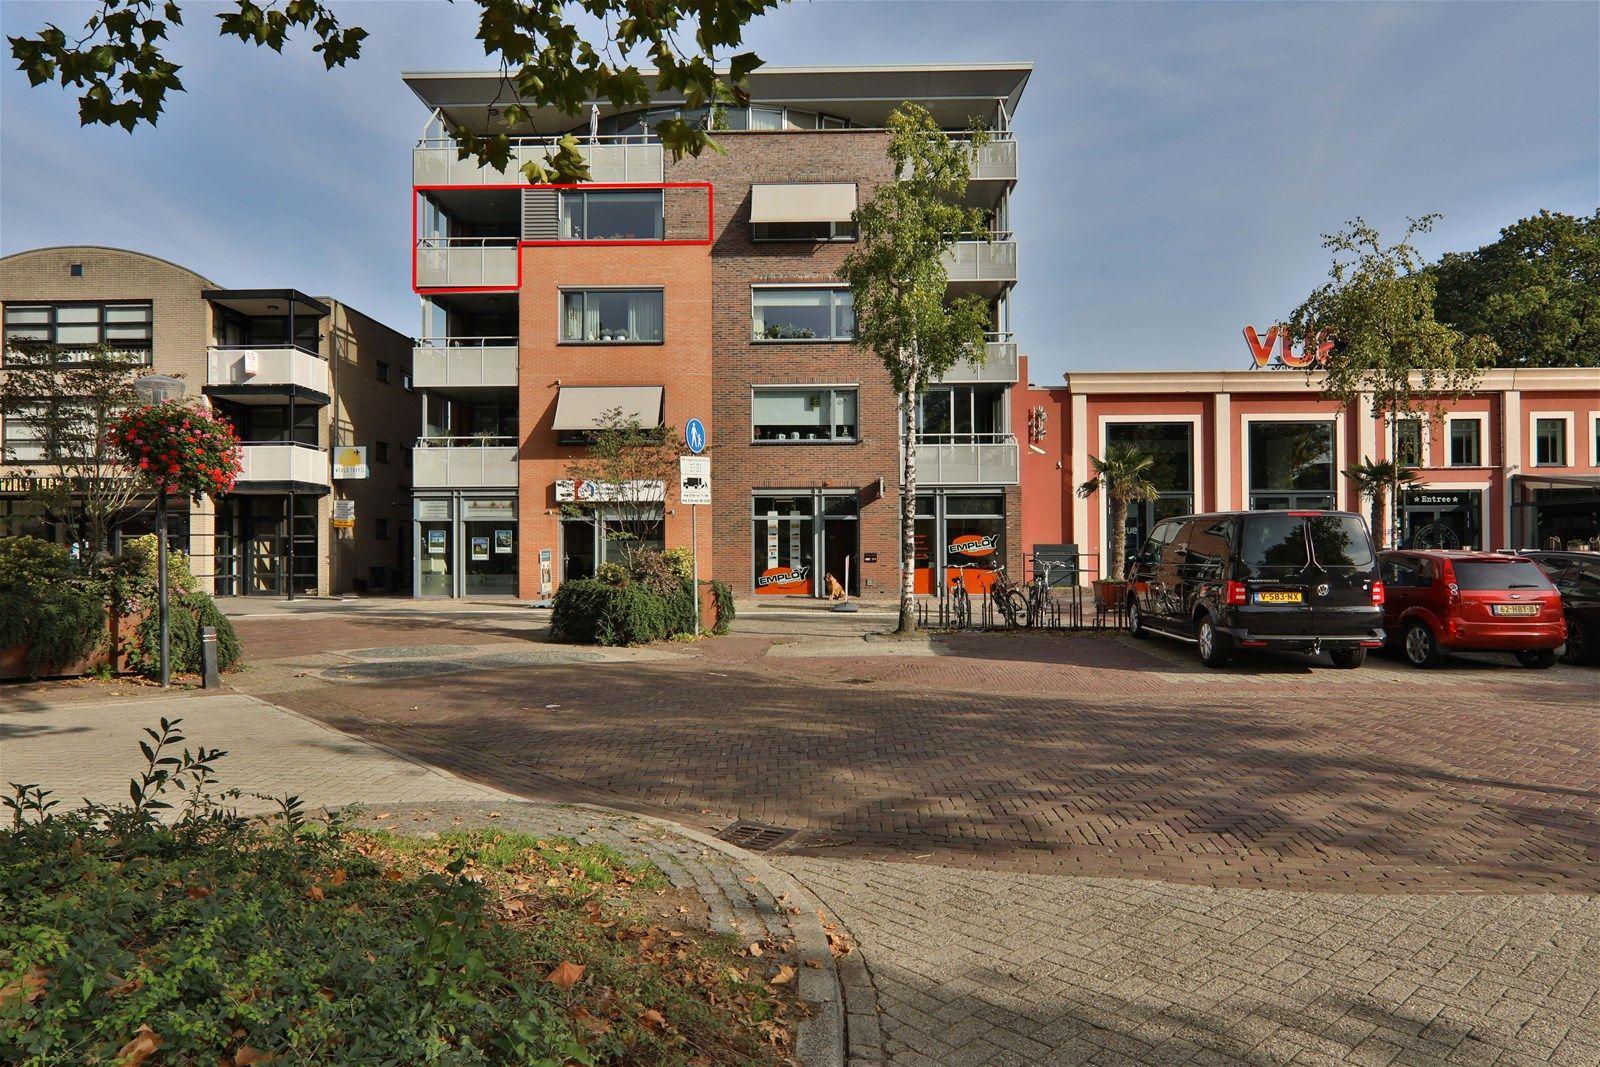 van Echtenstraat 29-31, Hoogeveen